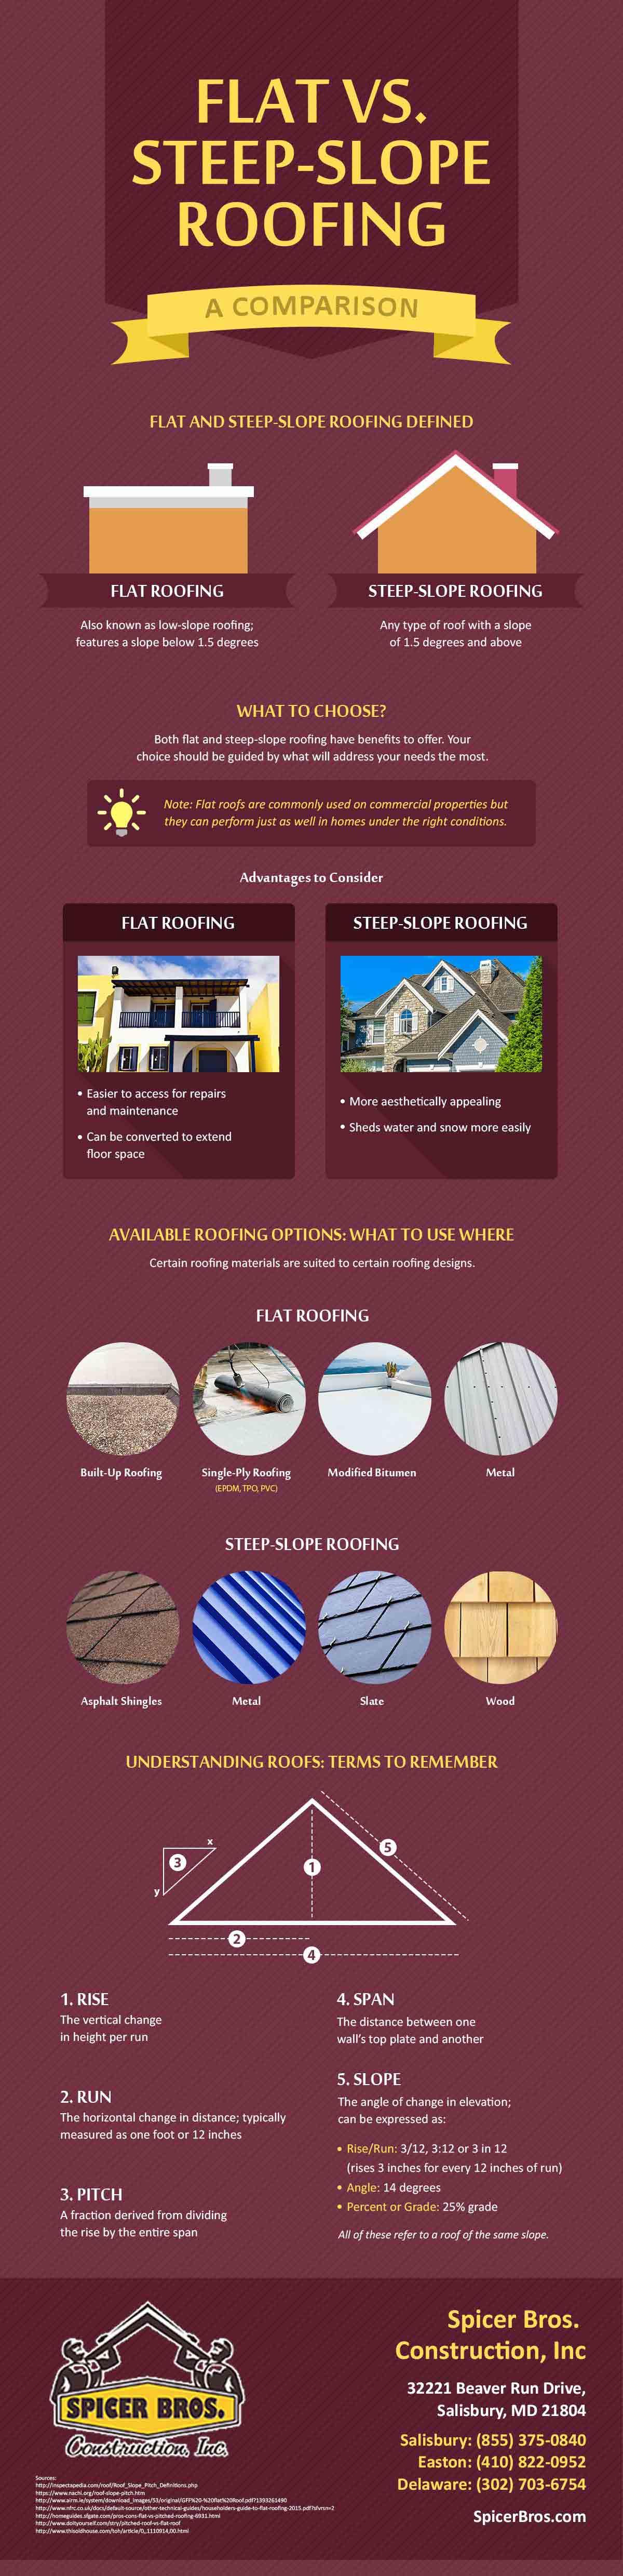 flat vs slope roofing delaware